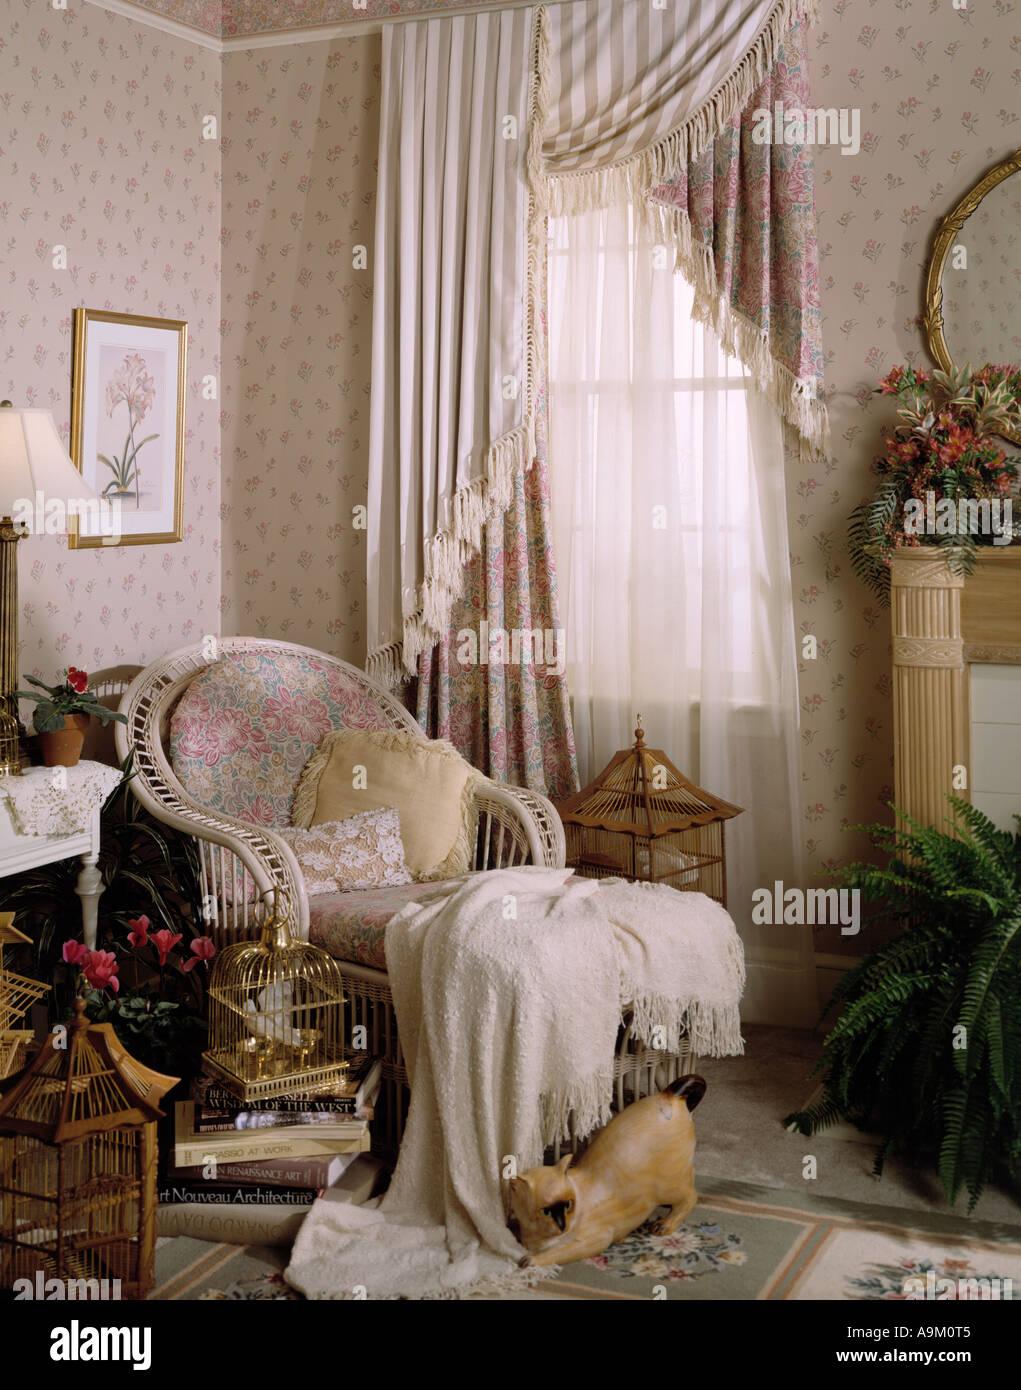 Bett Zimmer Schlafzimmer Set Innenraum Sitzen Bereich Korbmöbel Stuhl  Drapiert Kamin Kaminsimses Spiegel Wallpaper